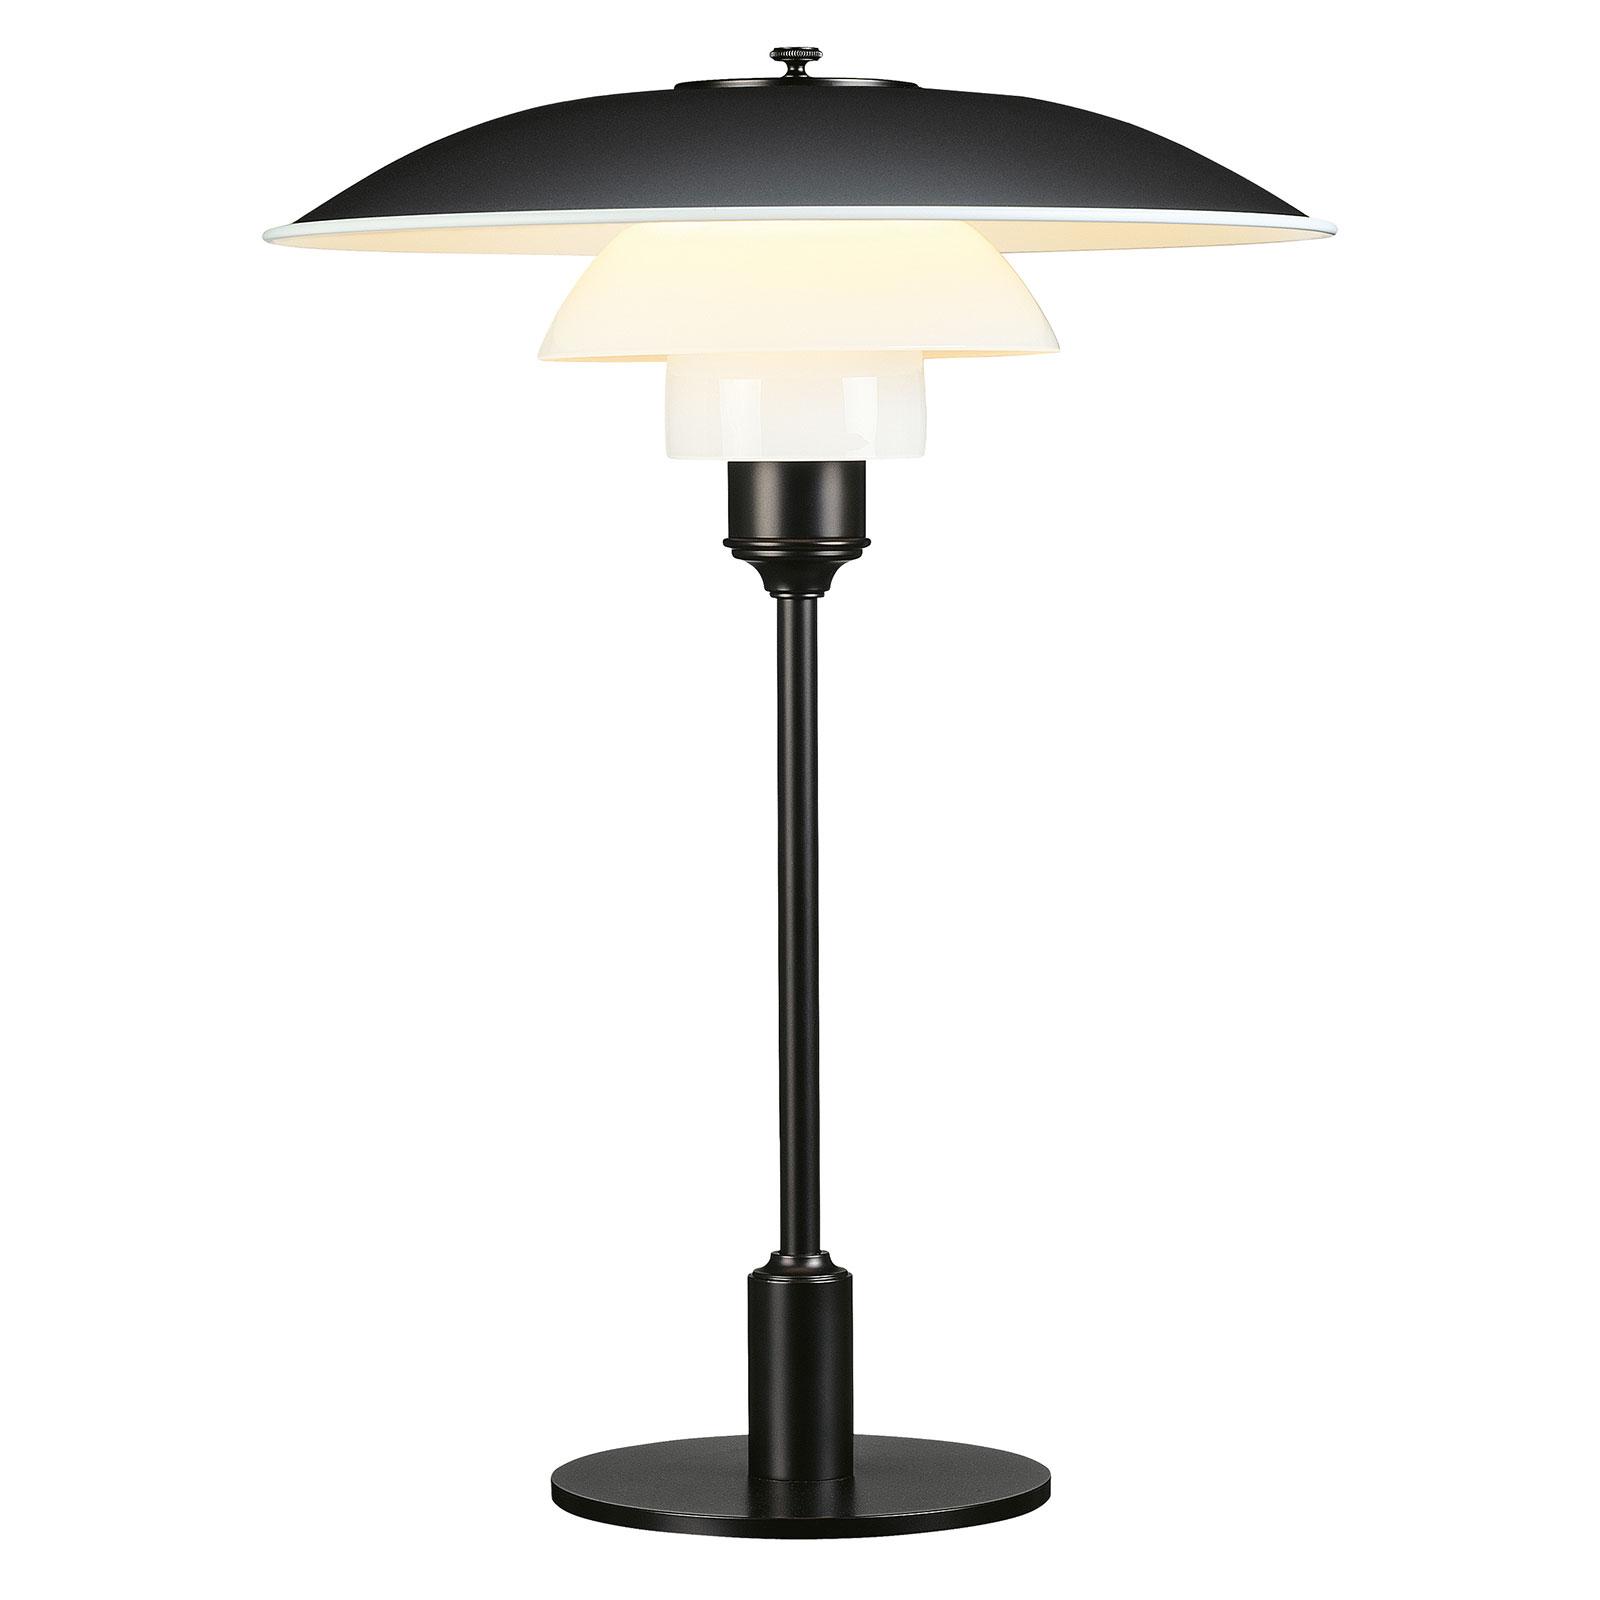 Louis Poulsen PH 3 1/2-2 1/2 lampe à poser noire